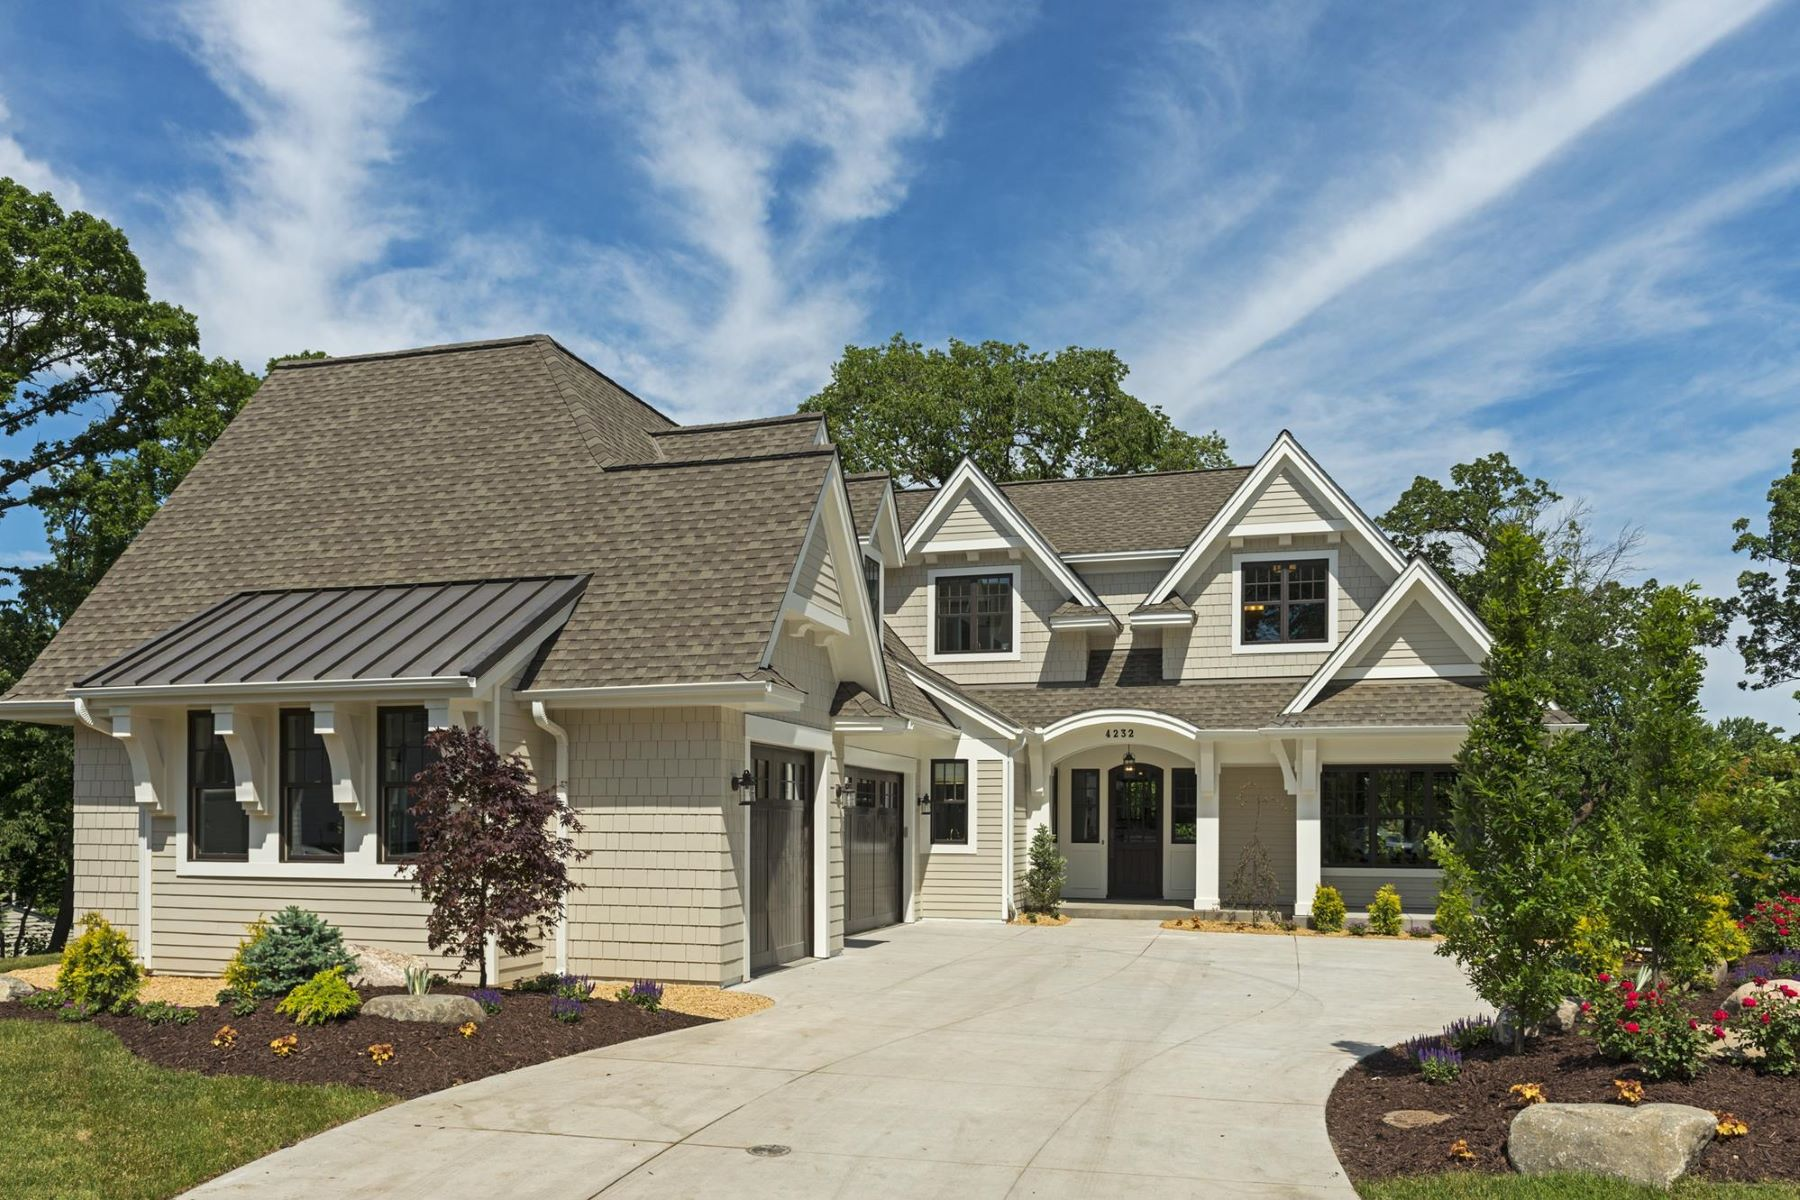 Частный односемейный дом для того Продажа на 4232 Sidell Trail Edina, Миннесота, 55416 Соединенные Штаты